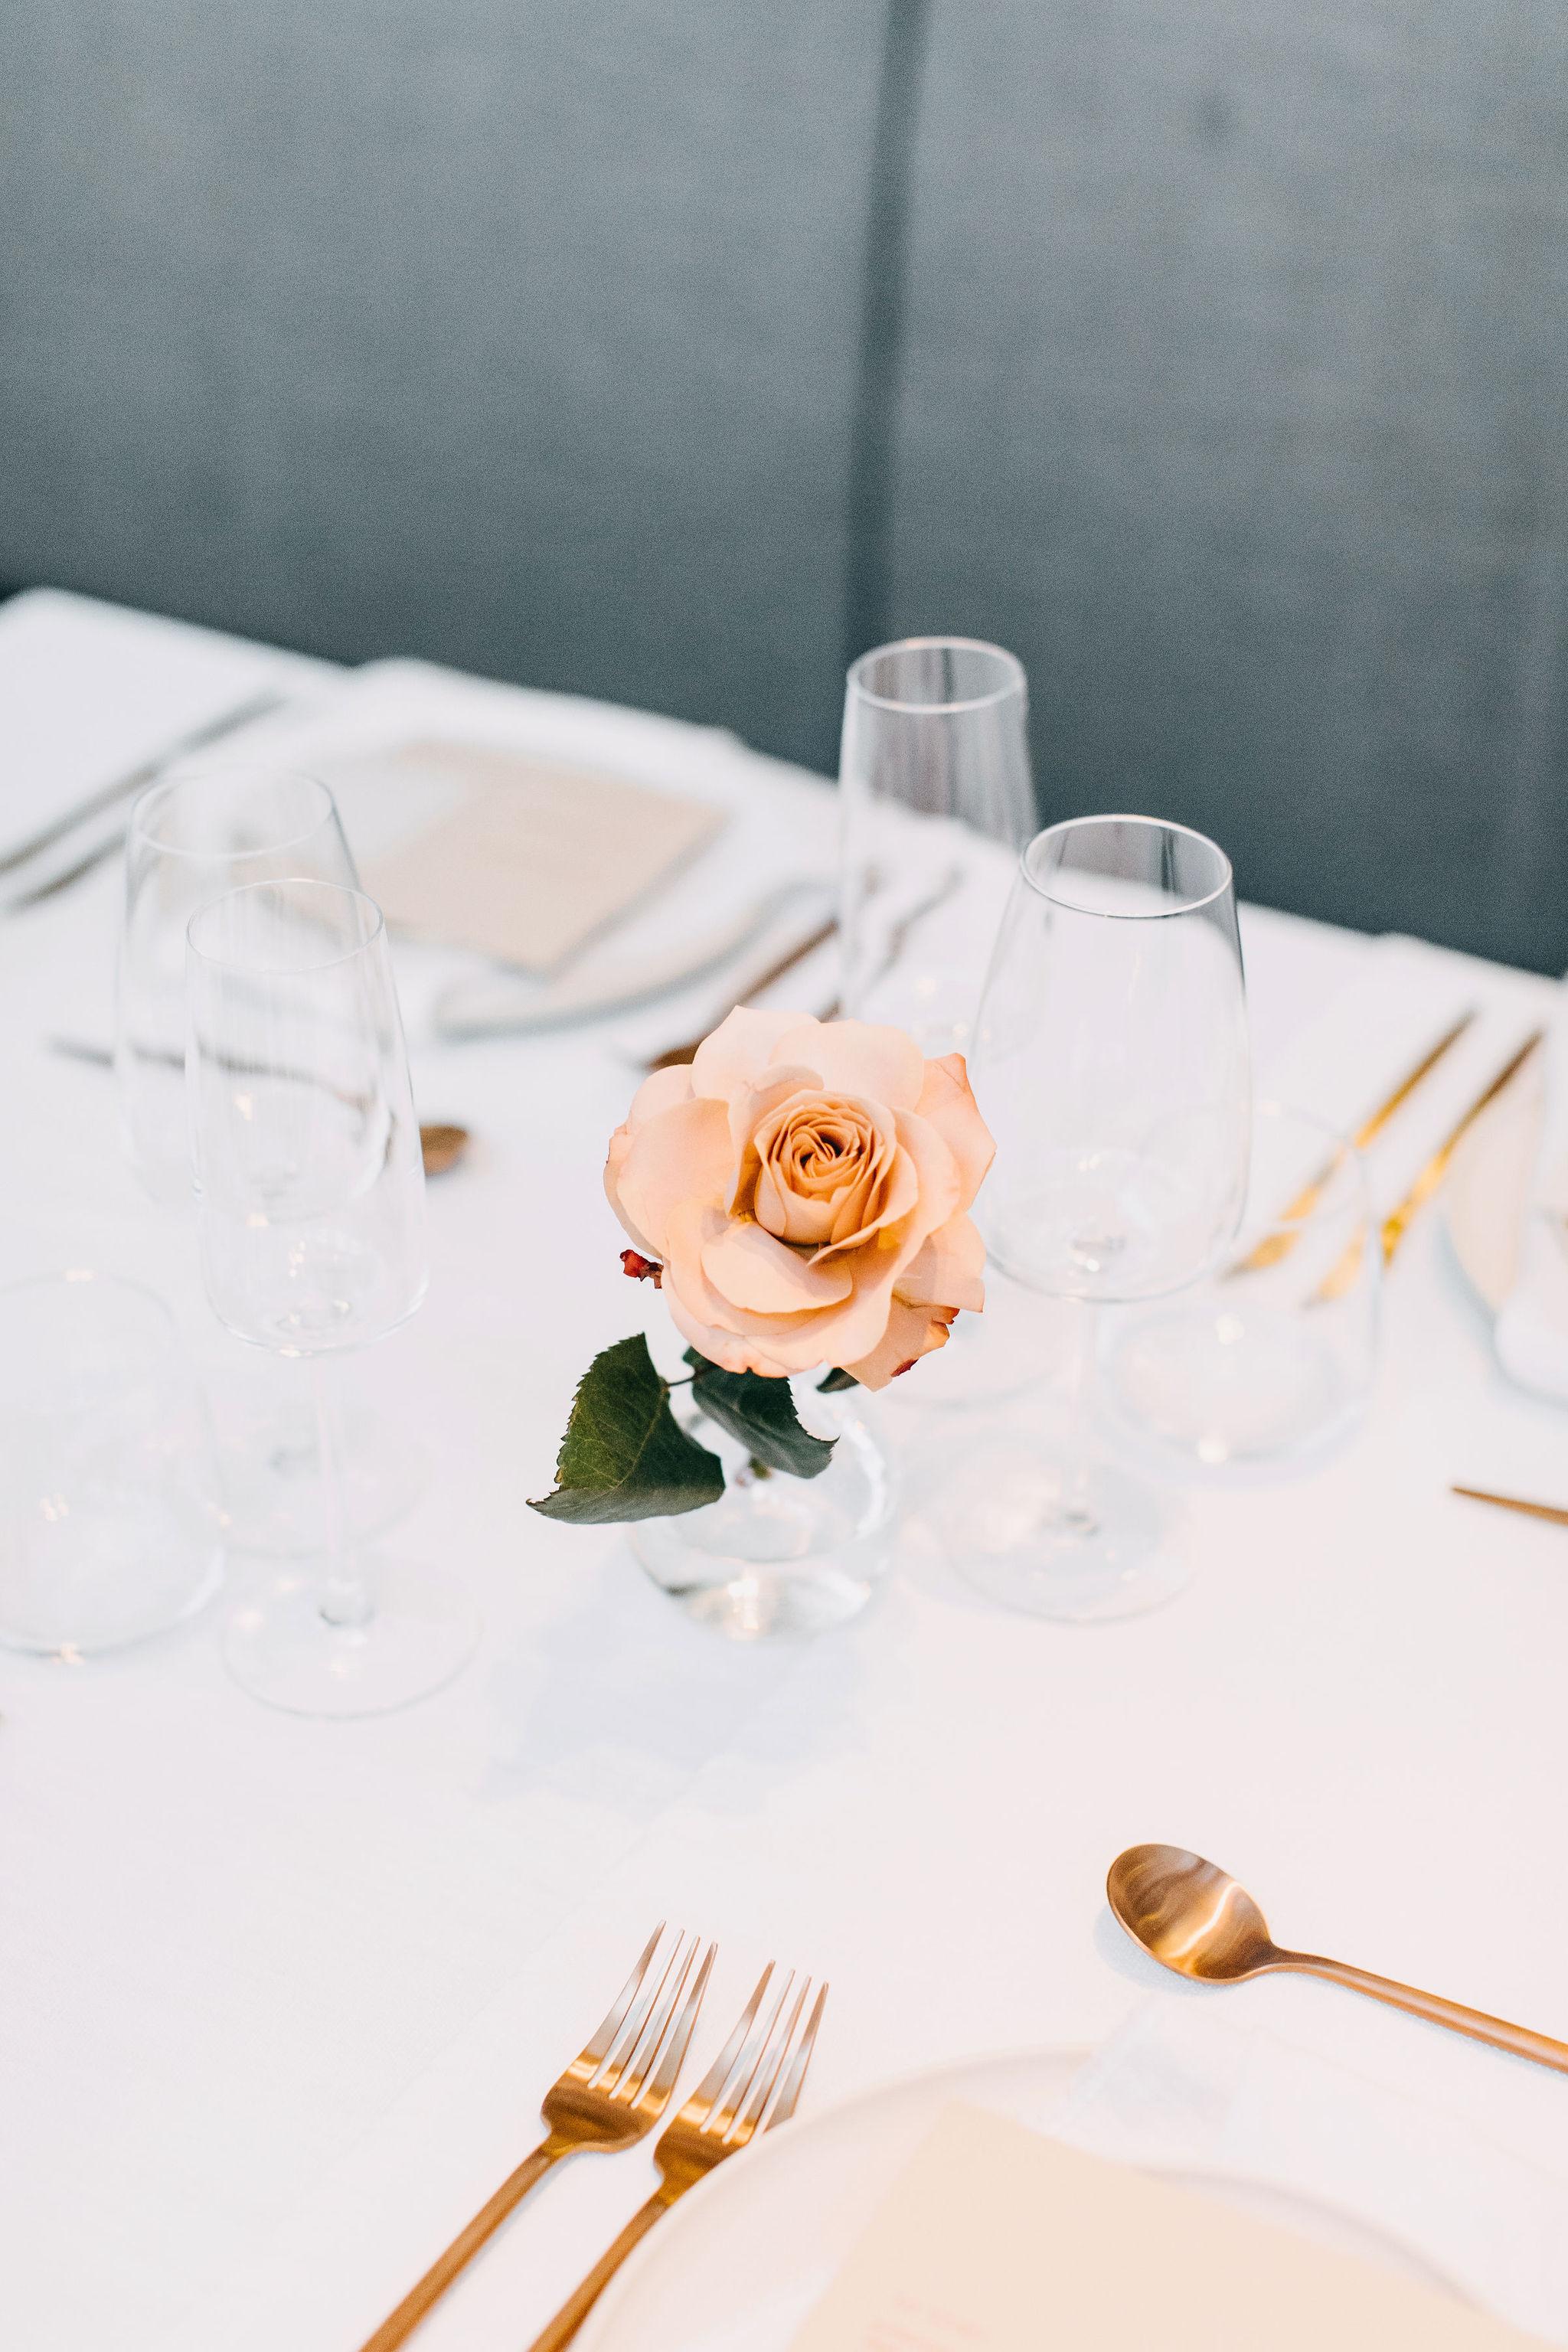 WEDDINGOPENDAY-STATEBUILDINGS-25AUG2019-160